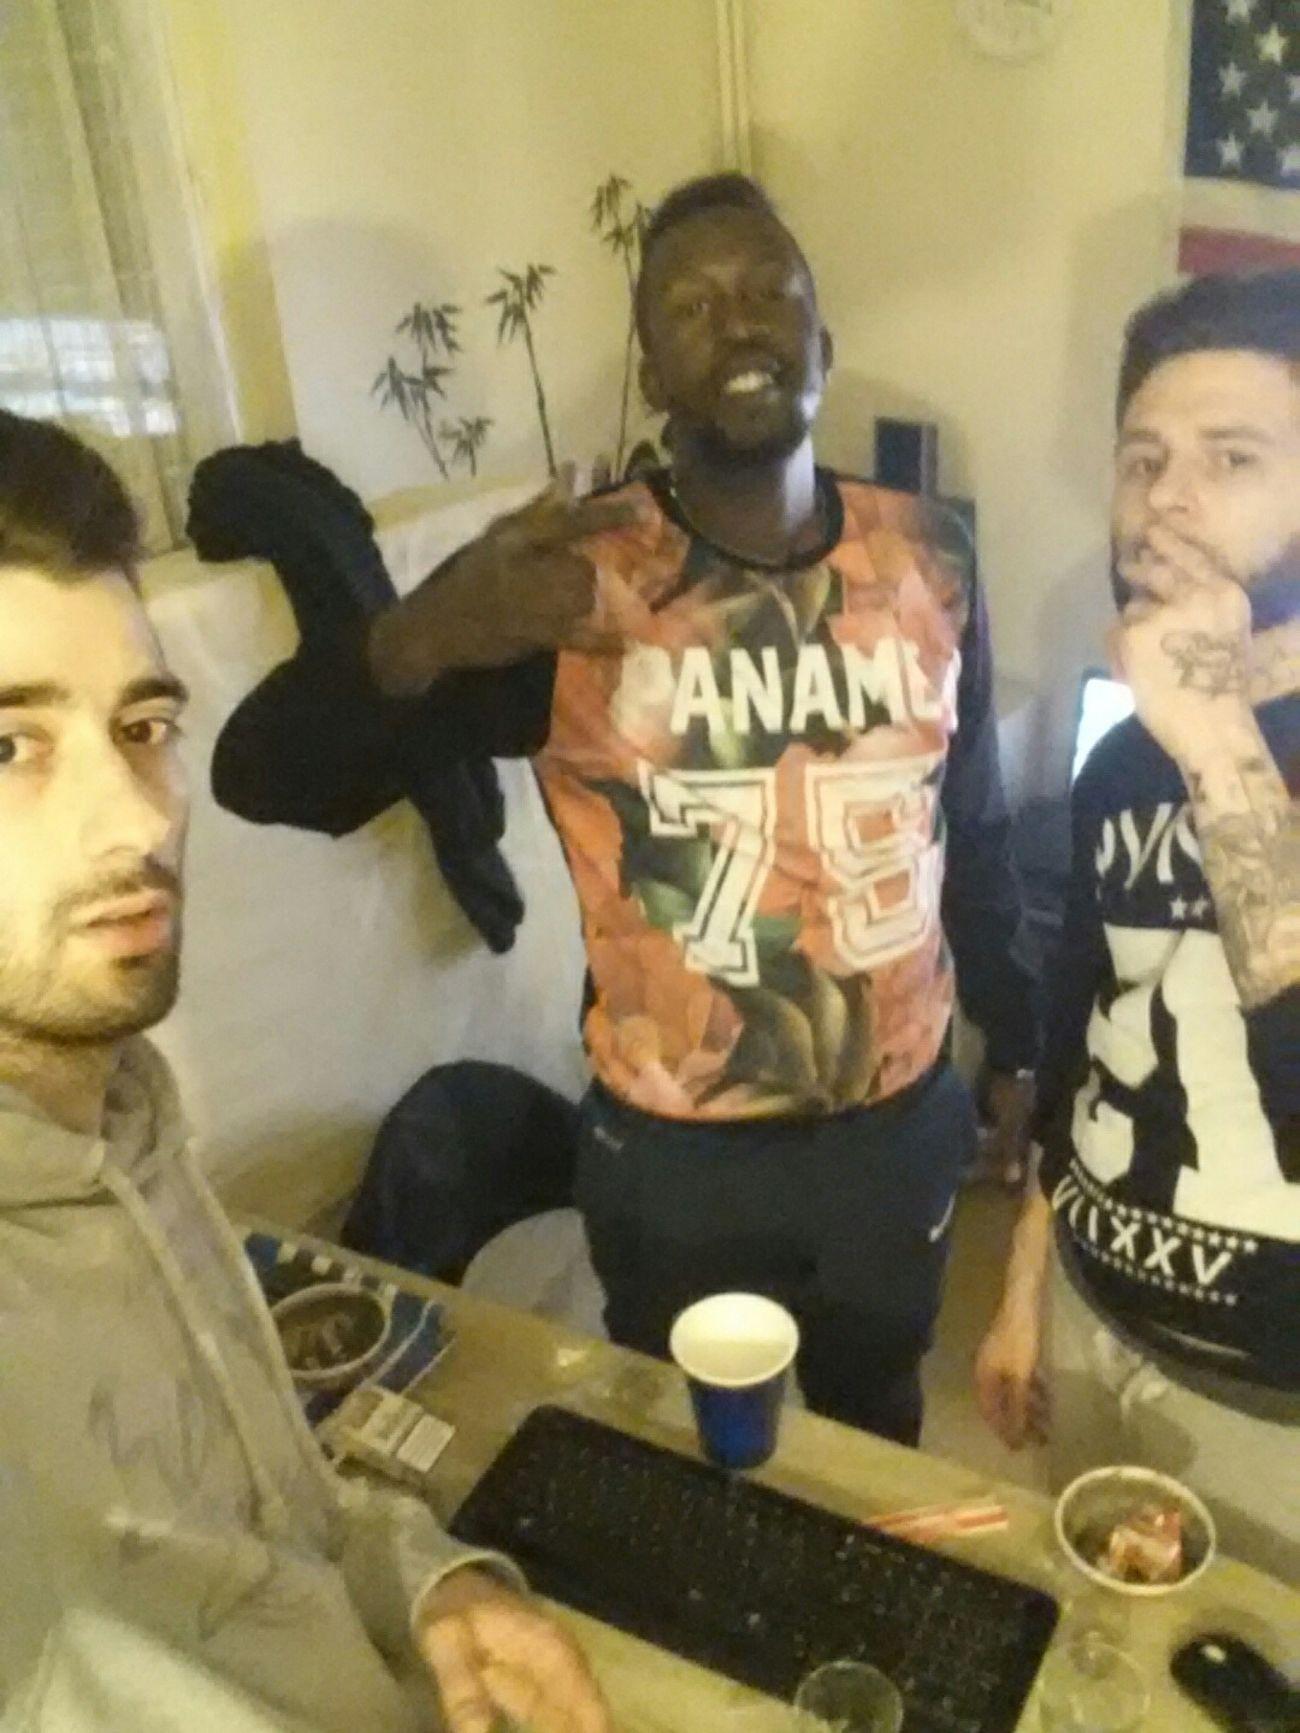 Frenchcloutboyz SMOKE WEED EVERYDAY XBoulierX TTB'DRISS Oklm Skippa Da Flippa Migos